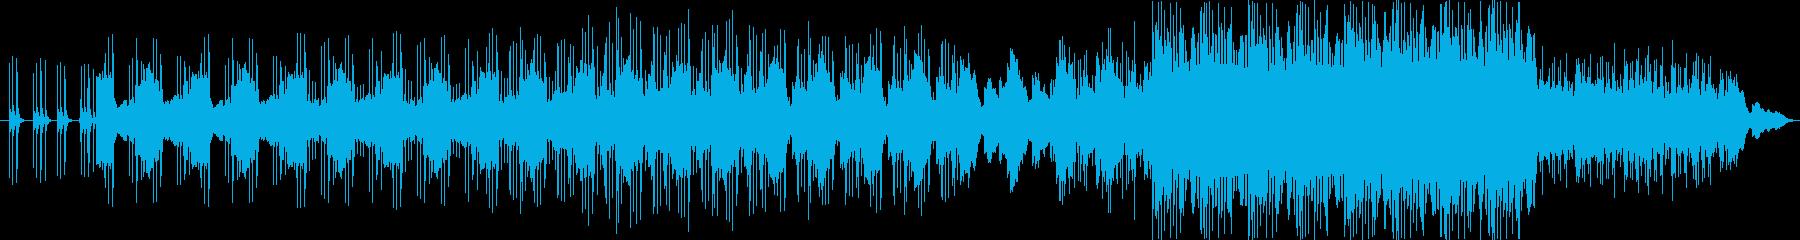 使用例下記にあり 壮大 美しい の再生済みの波形